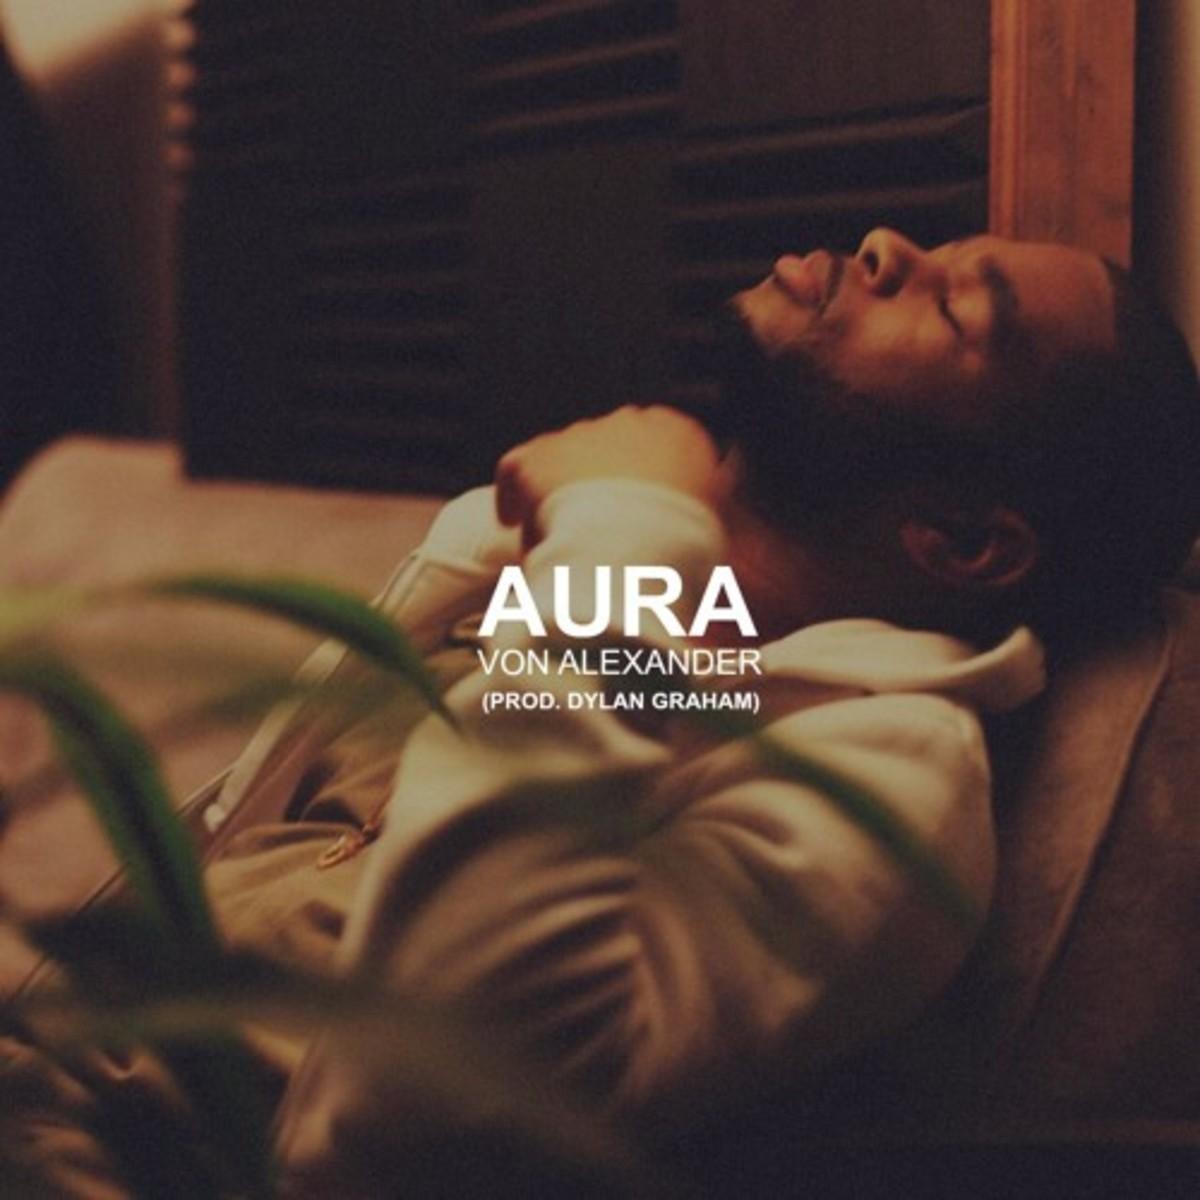 von-alexander-aura.jpg